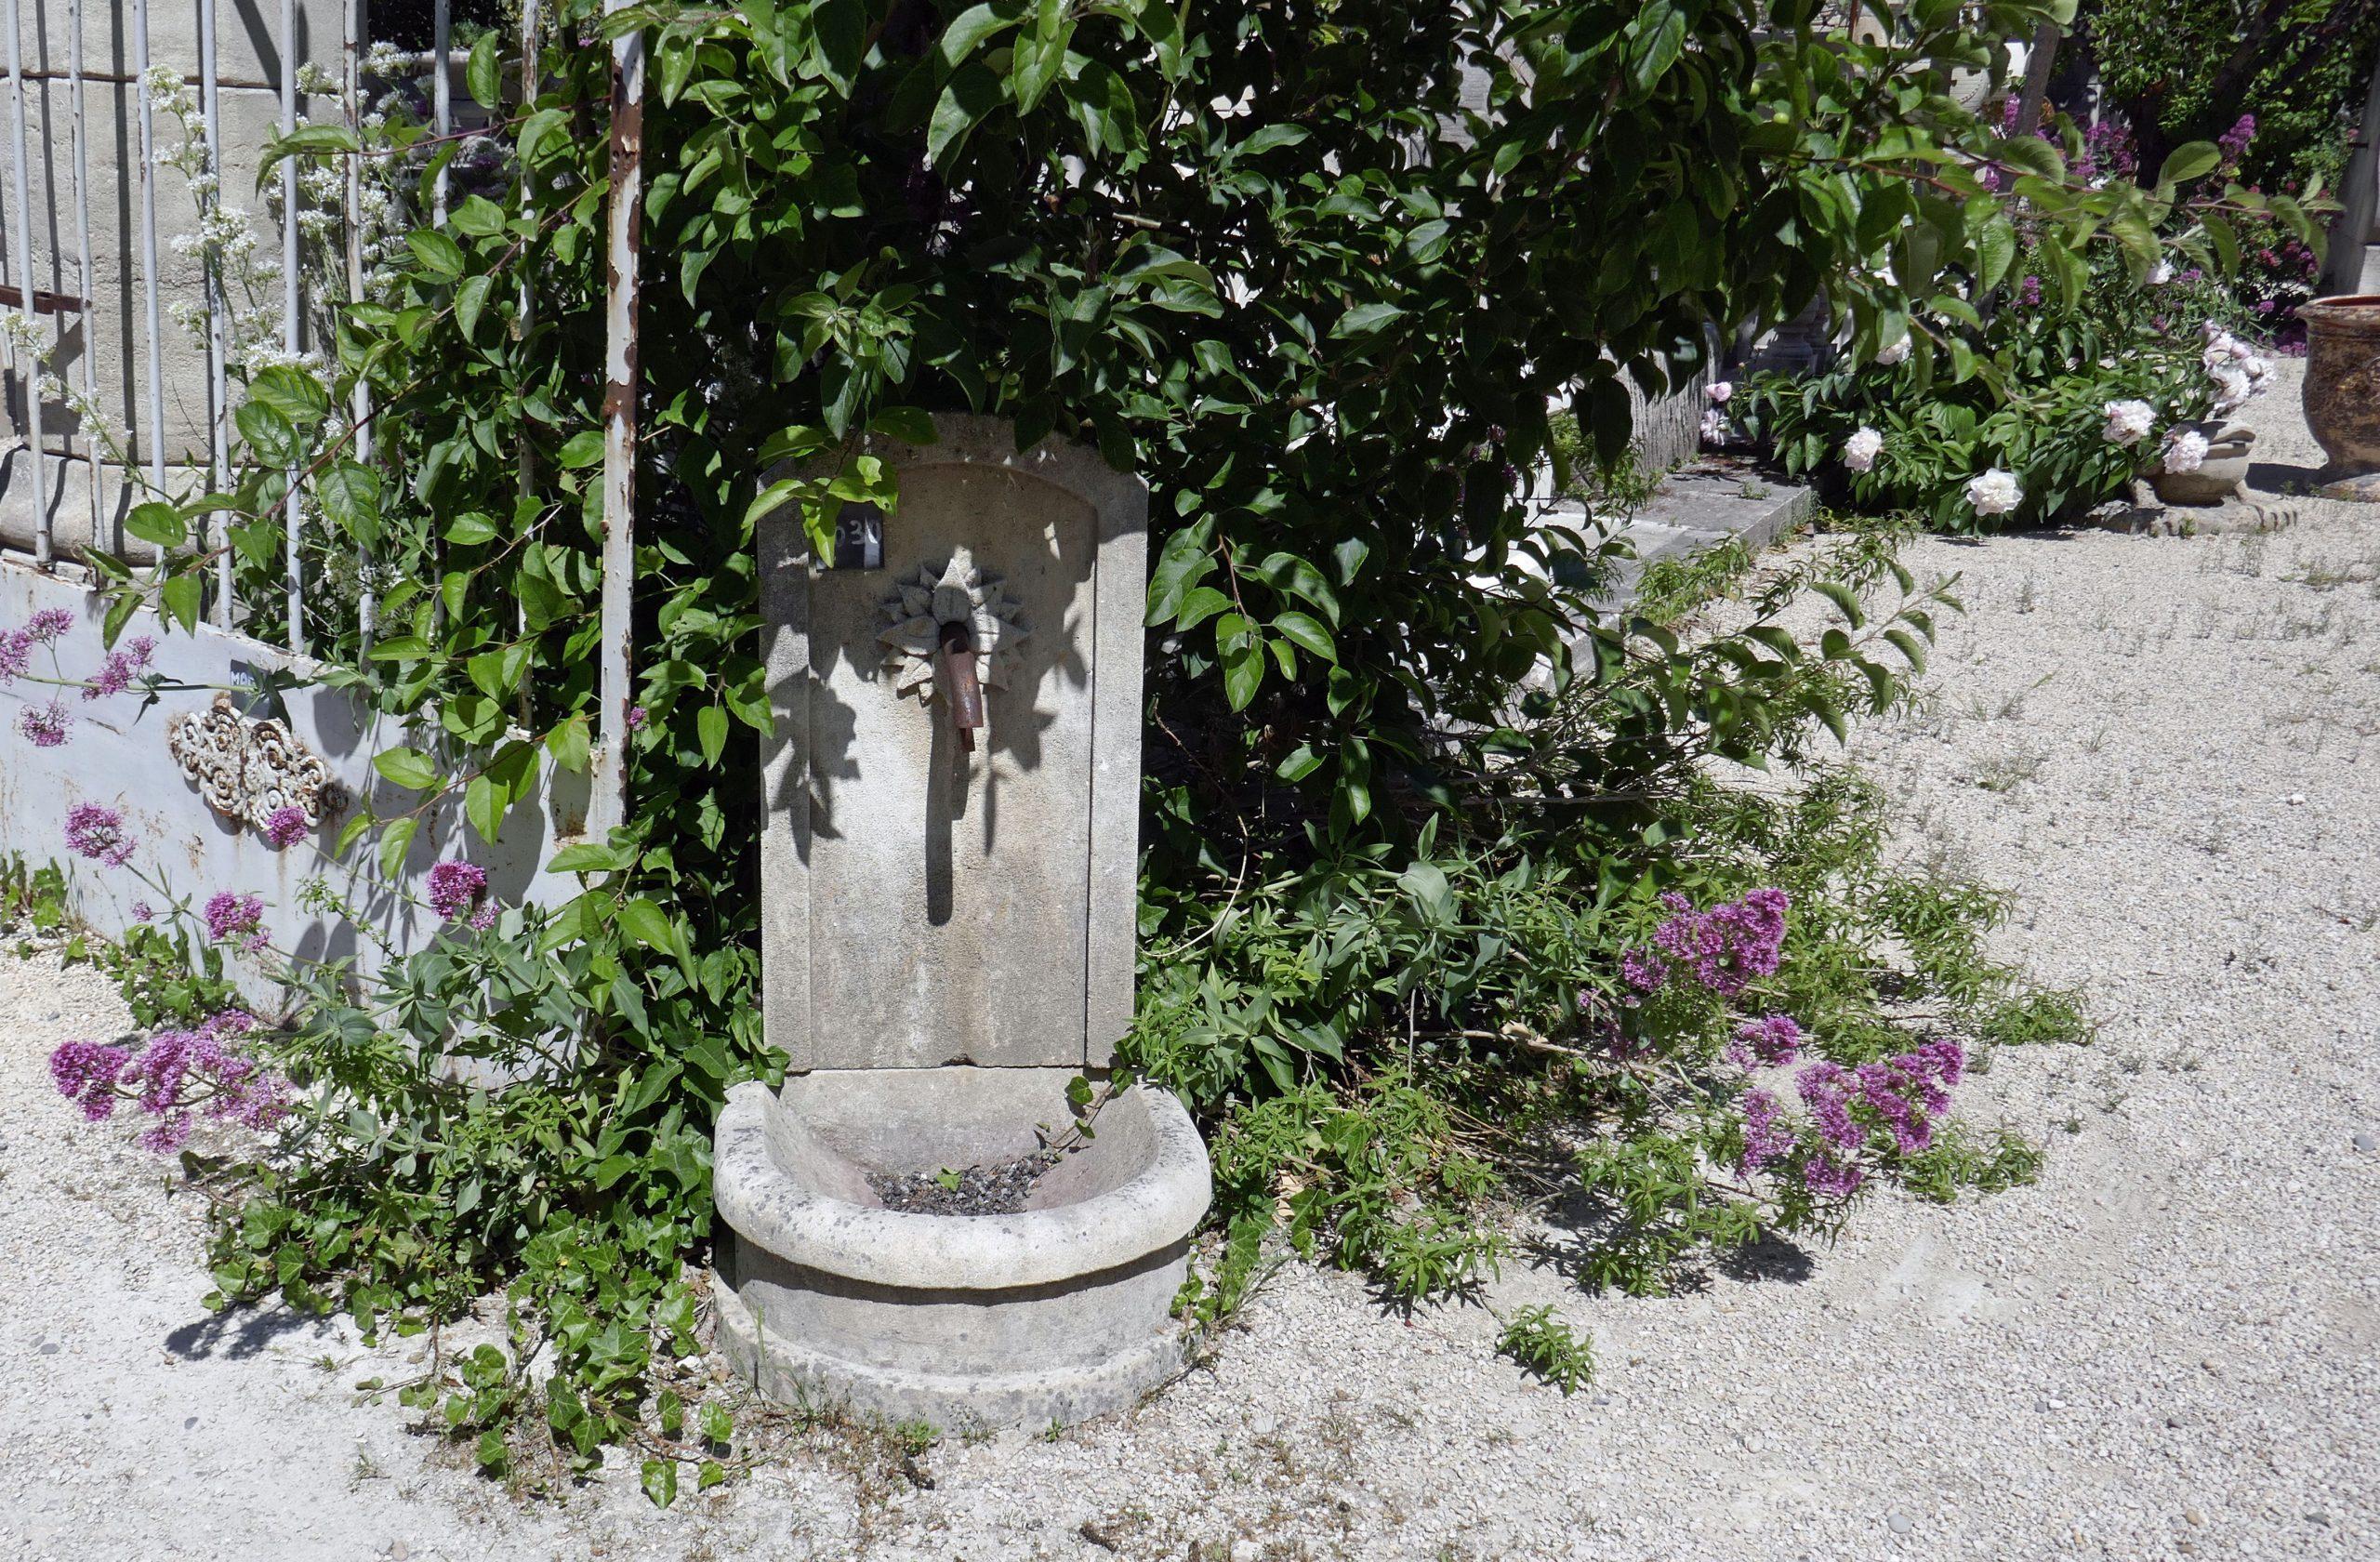 Cette Petite Fontaine En Pierre A Pleins D'atouts : Pas Cher ... destiné Petite Fontaine De Jardin Pas Cher